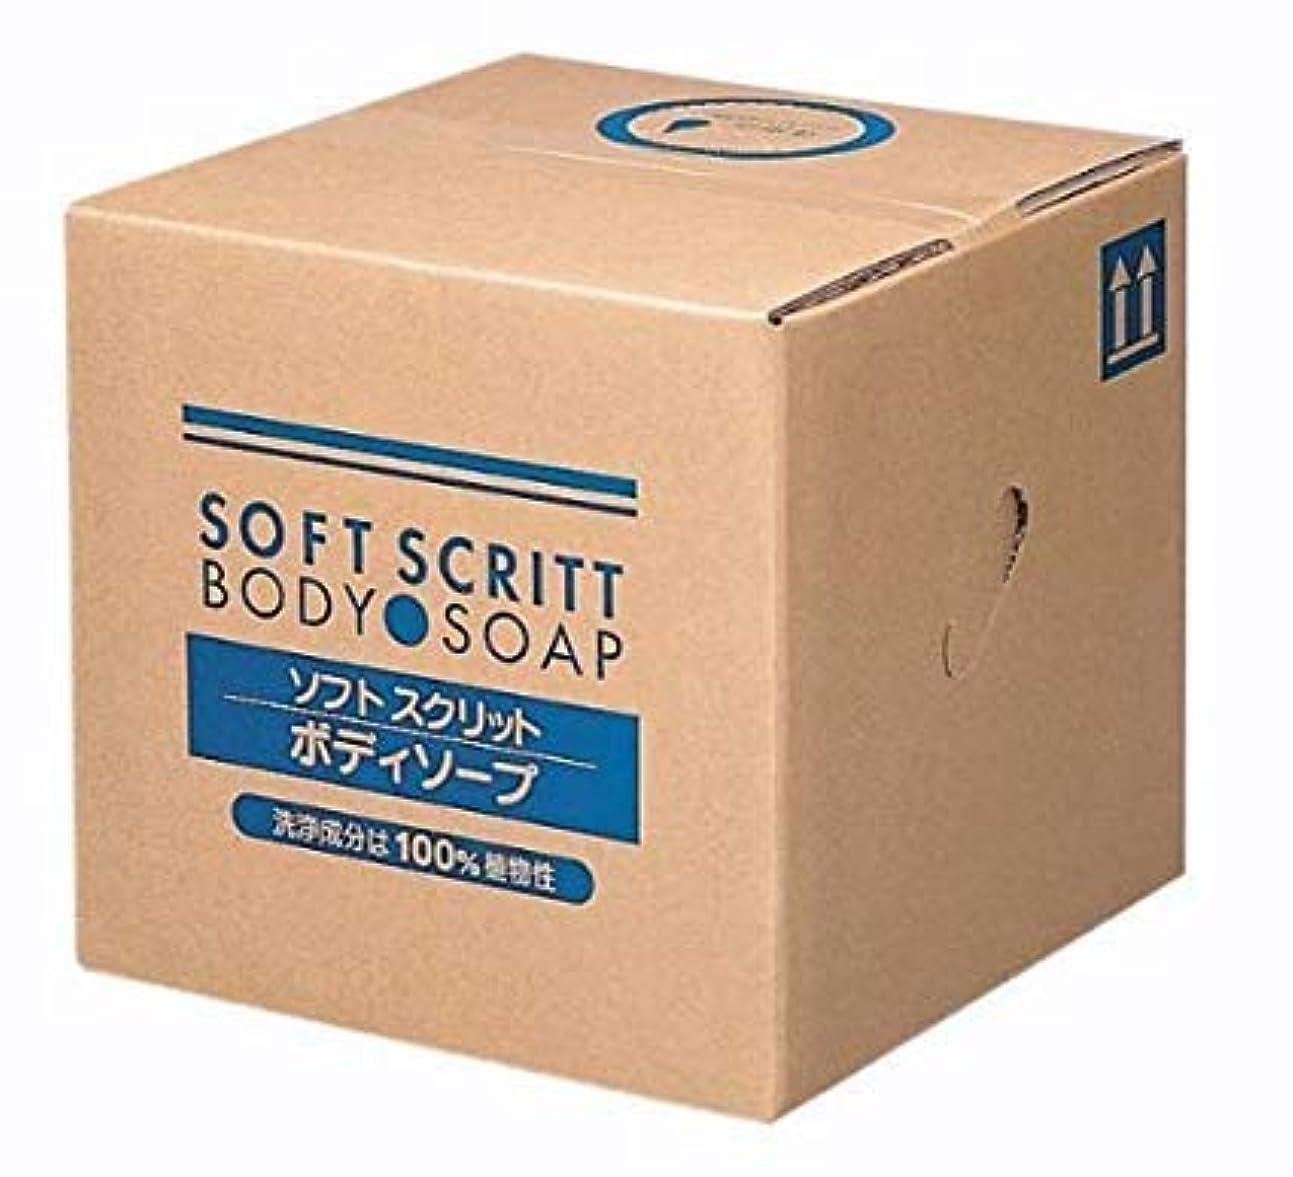 業務用 SOFT SCRITT(ソフト スクリット) ボディソープ 18L 熊野油脂 コック無し